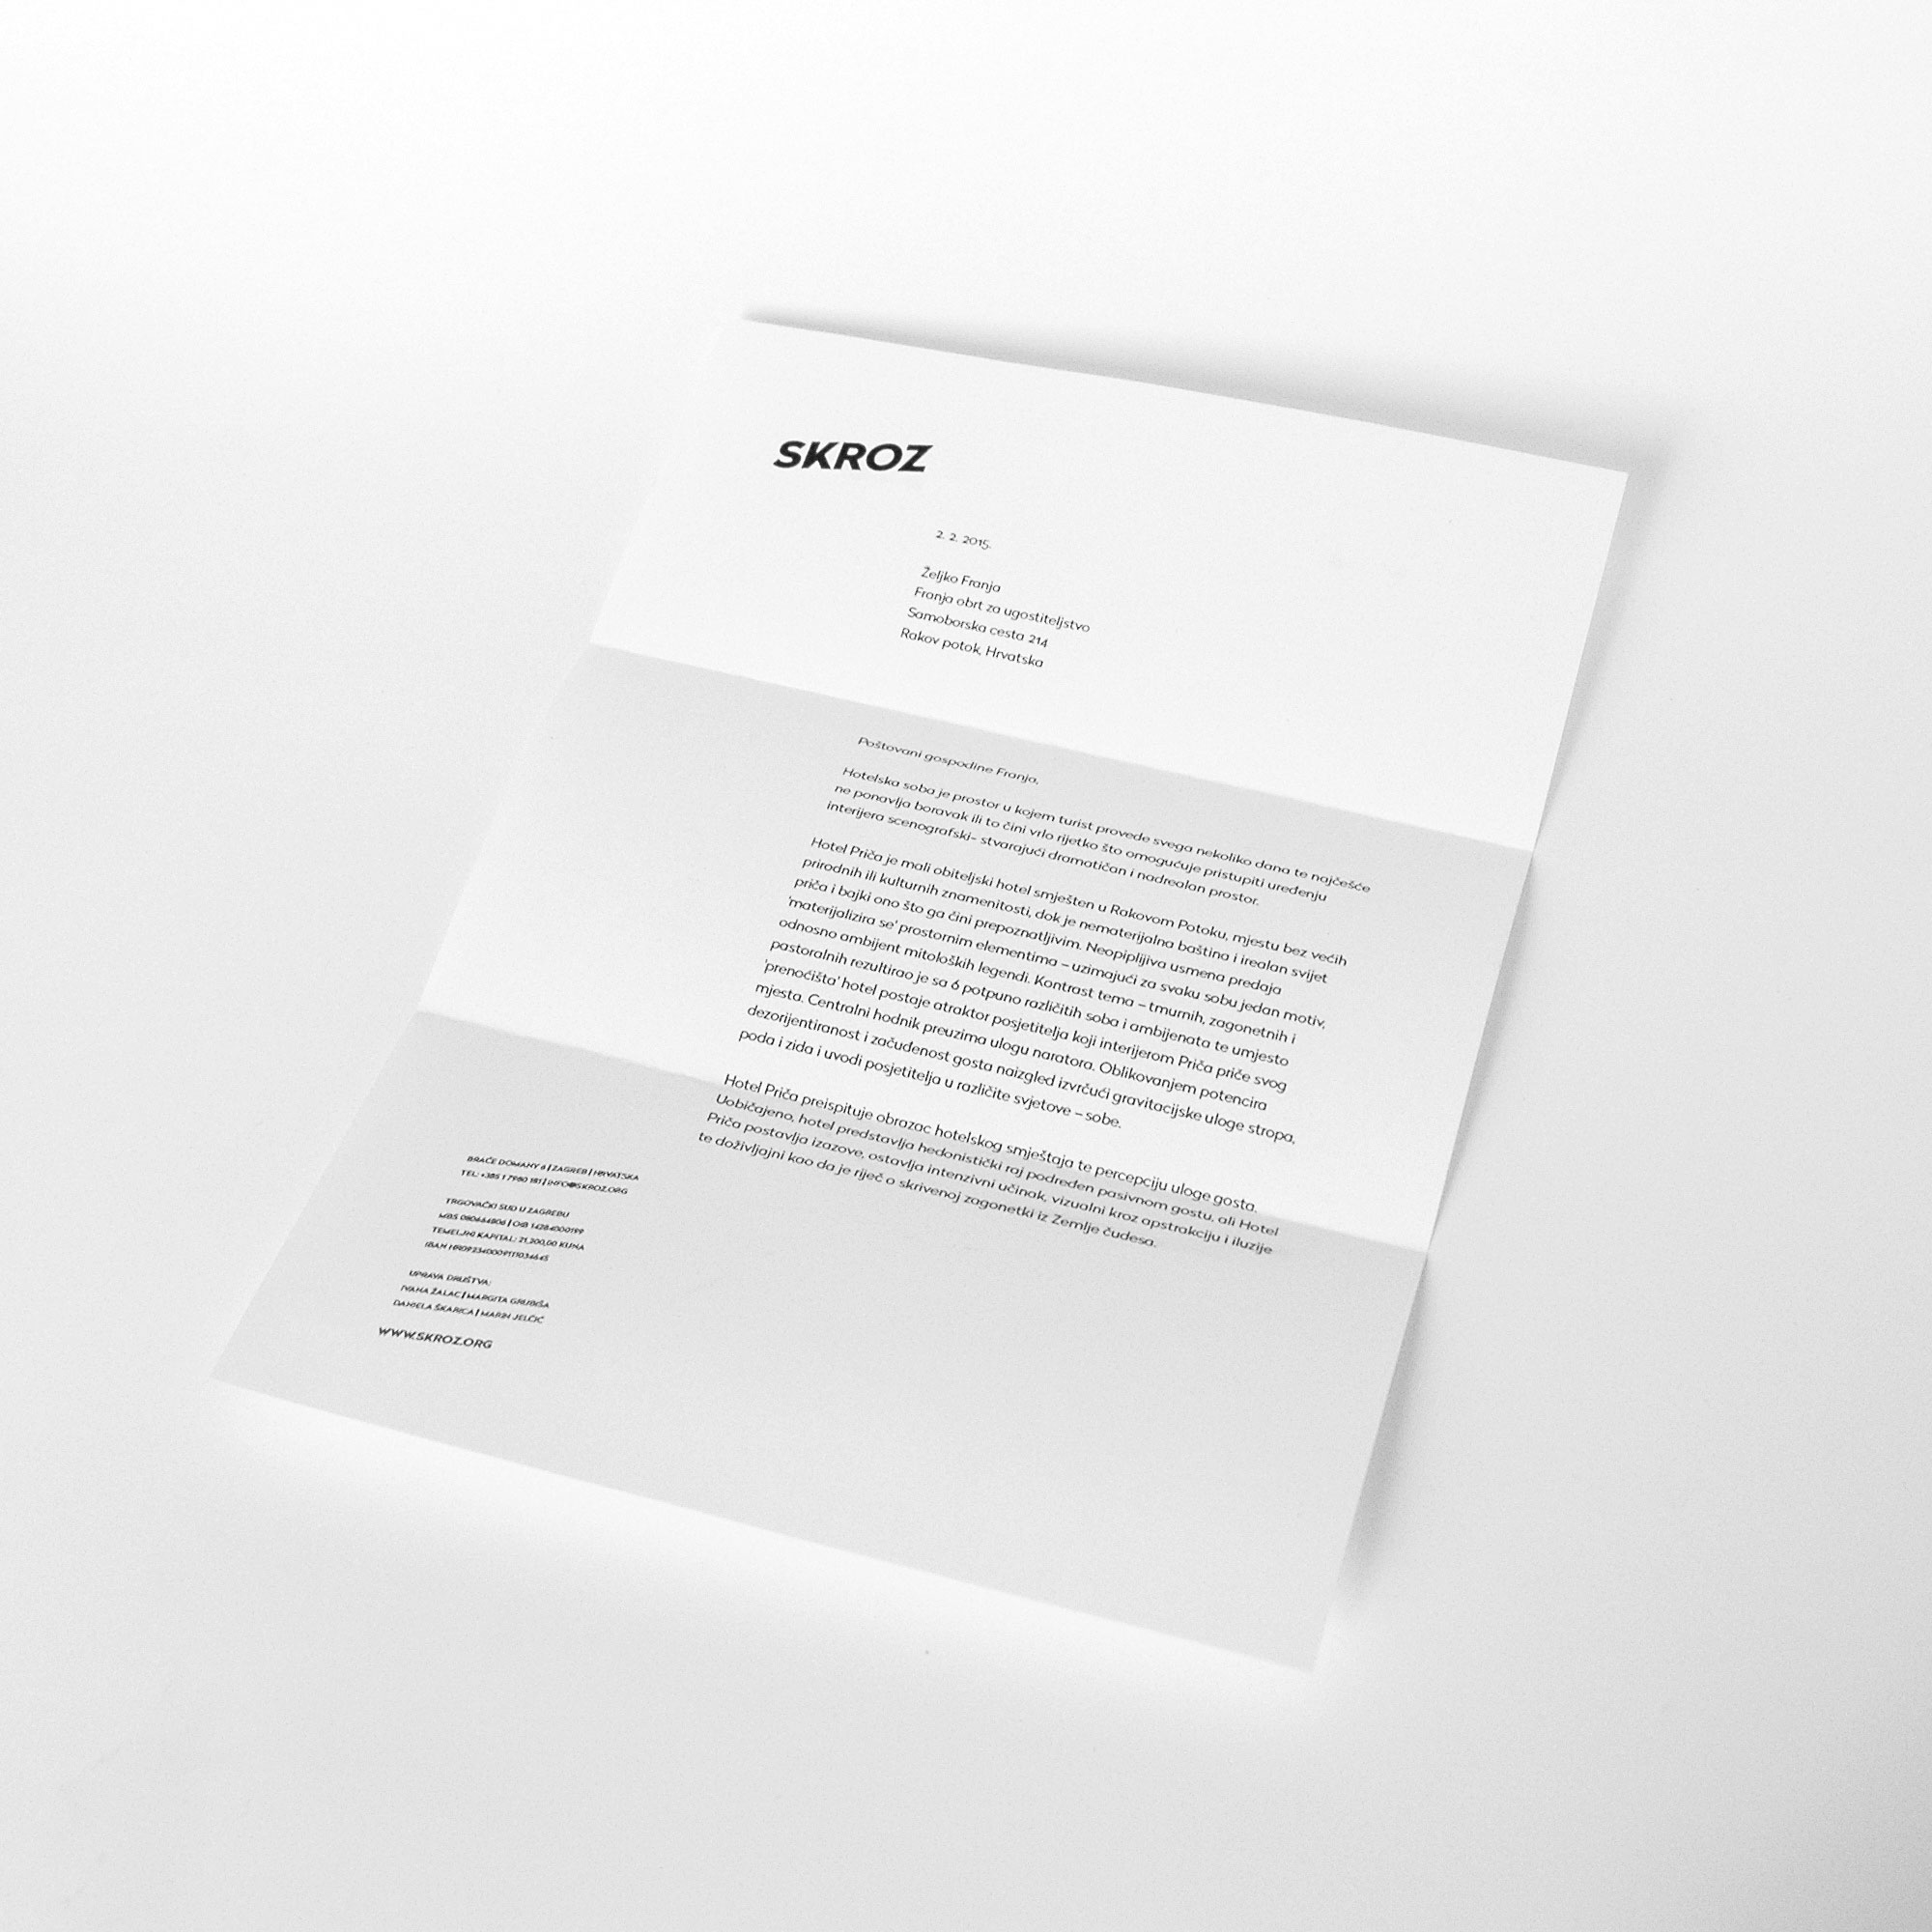 masavukmanovic.com - skroz - visual identity 02